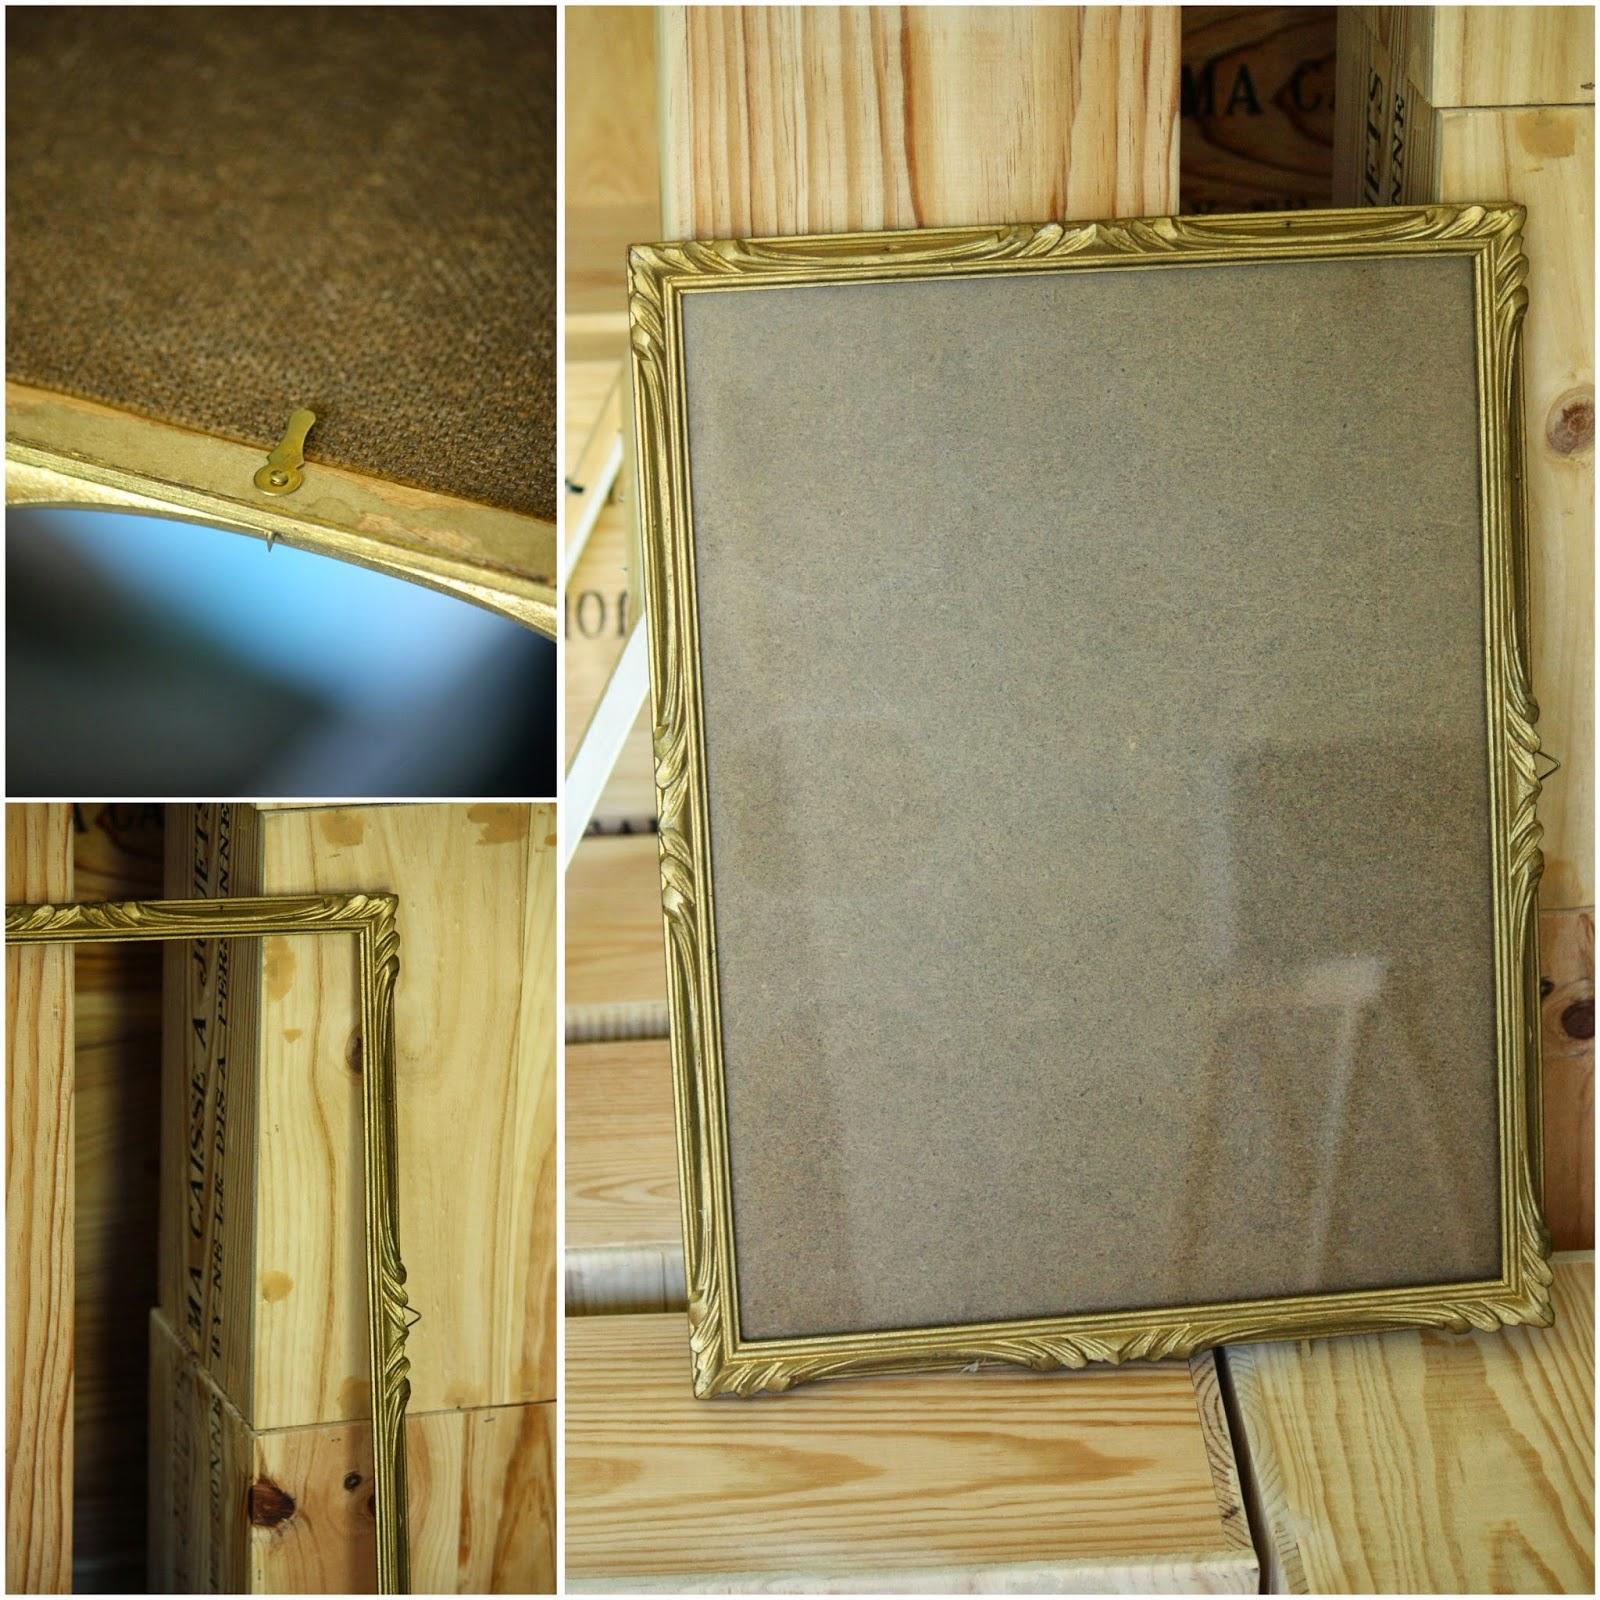 Relooking d 39 un cadre ancien avec les peintures maison d co for Cadre maison deco